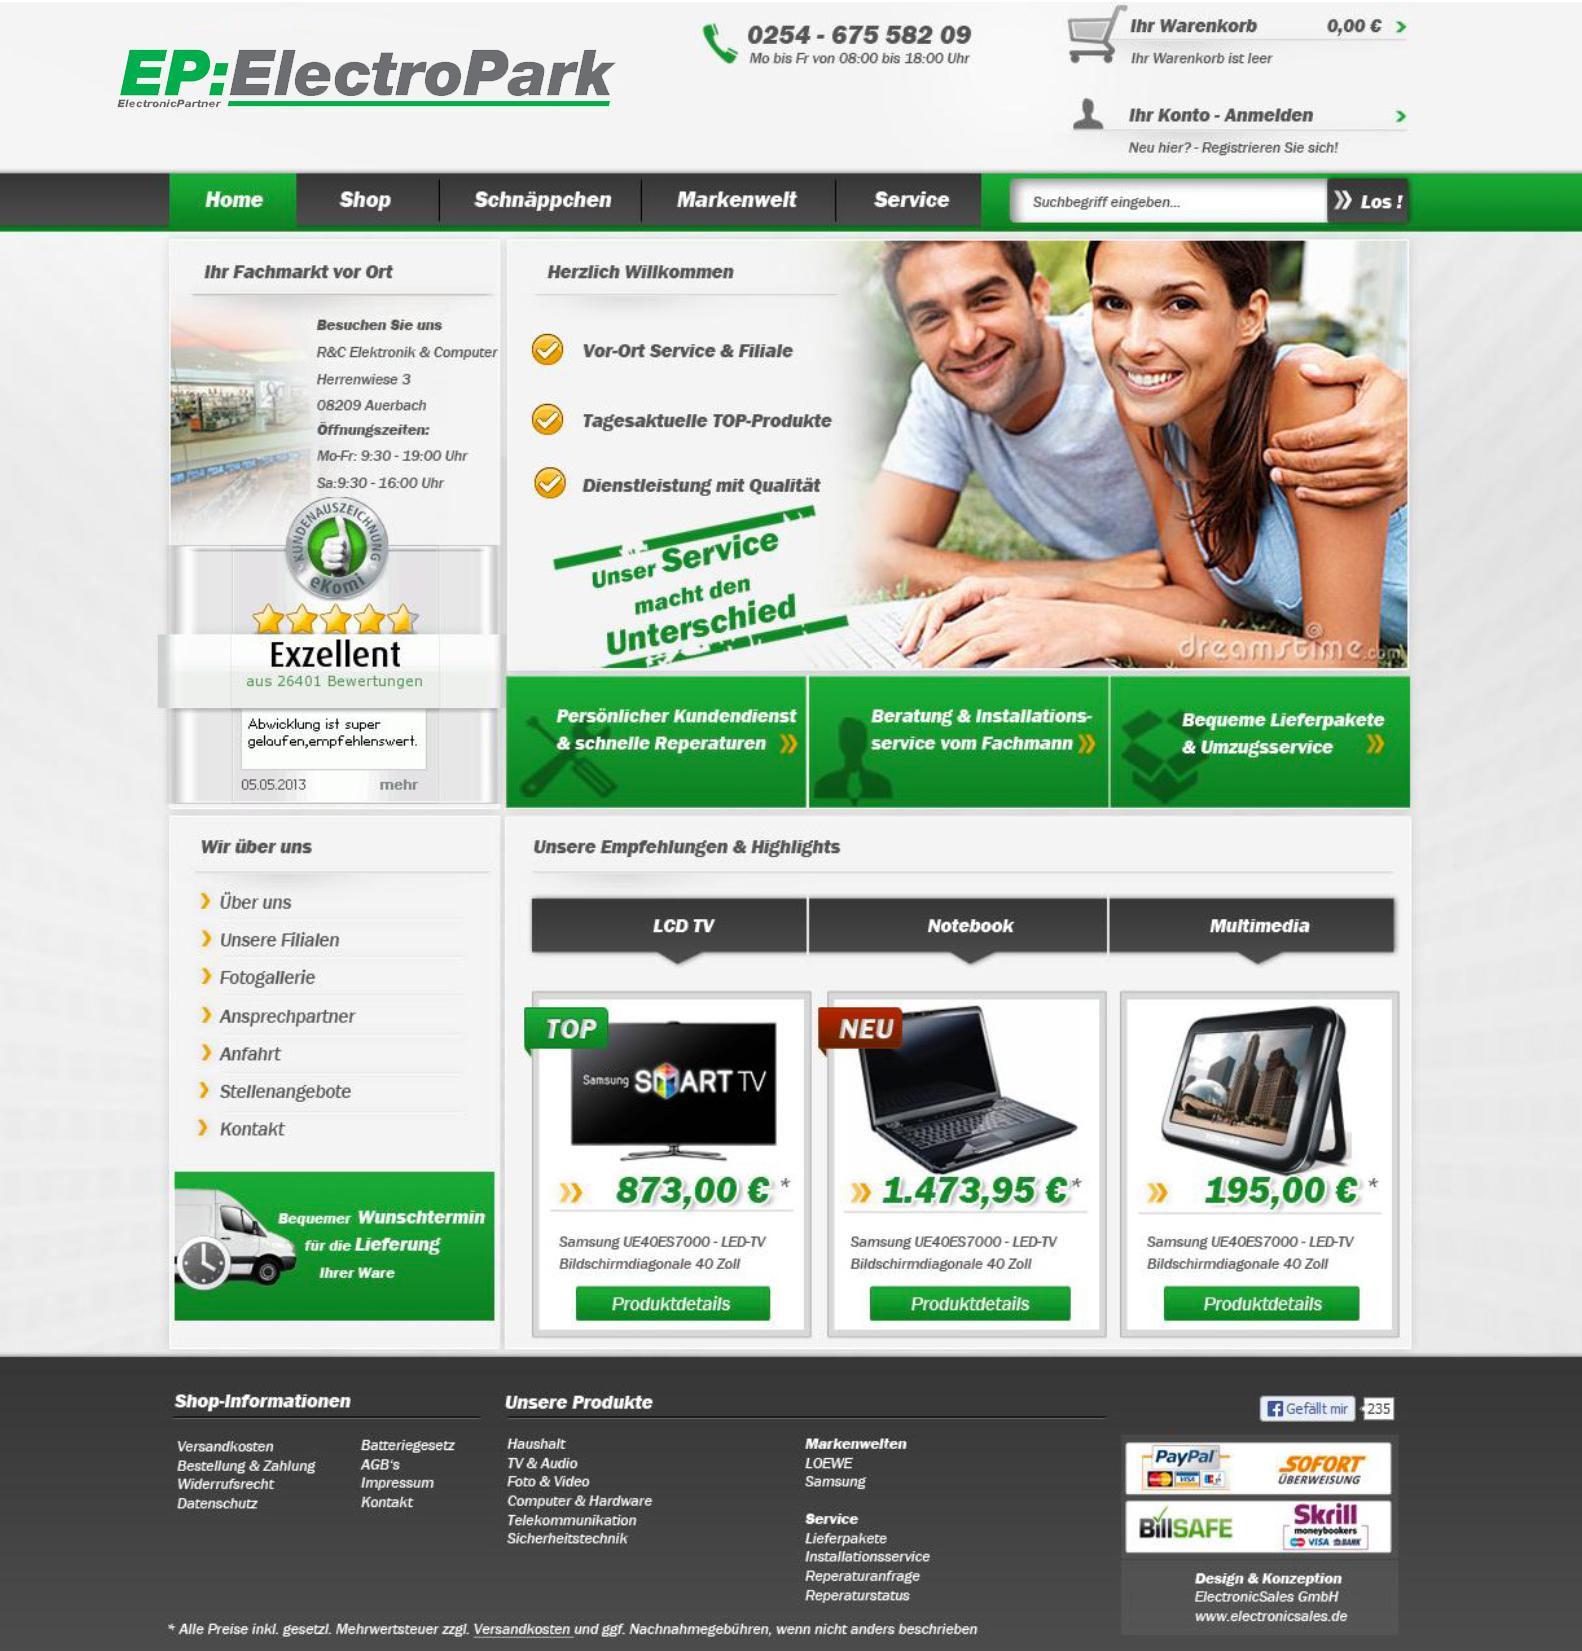 OnlineShop_Startseite.jpg